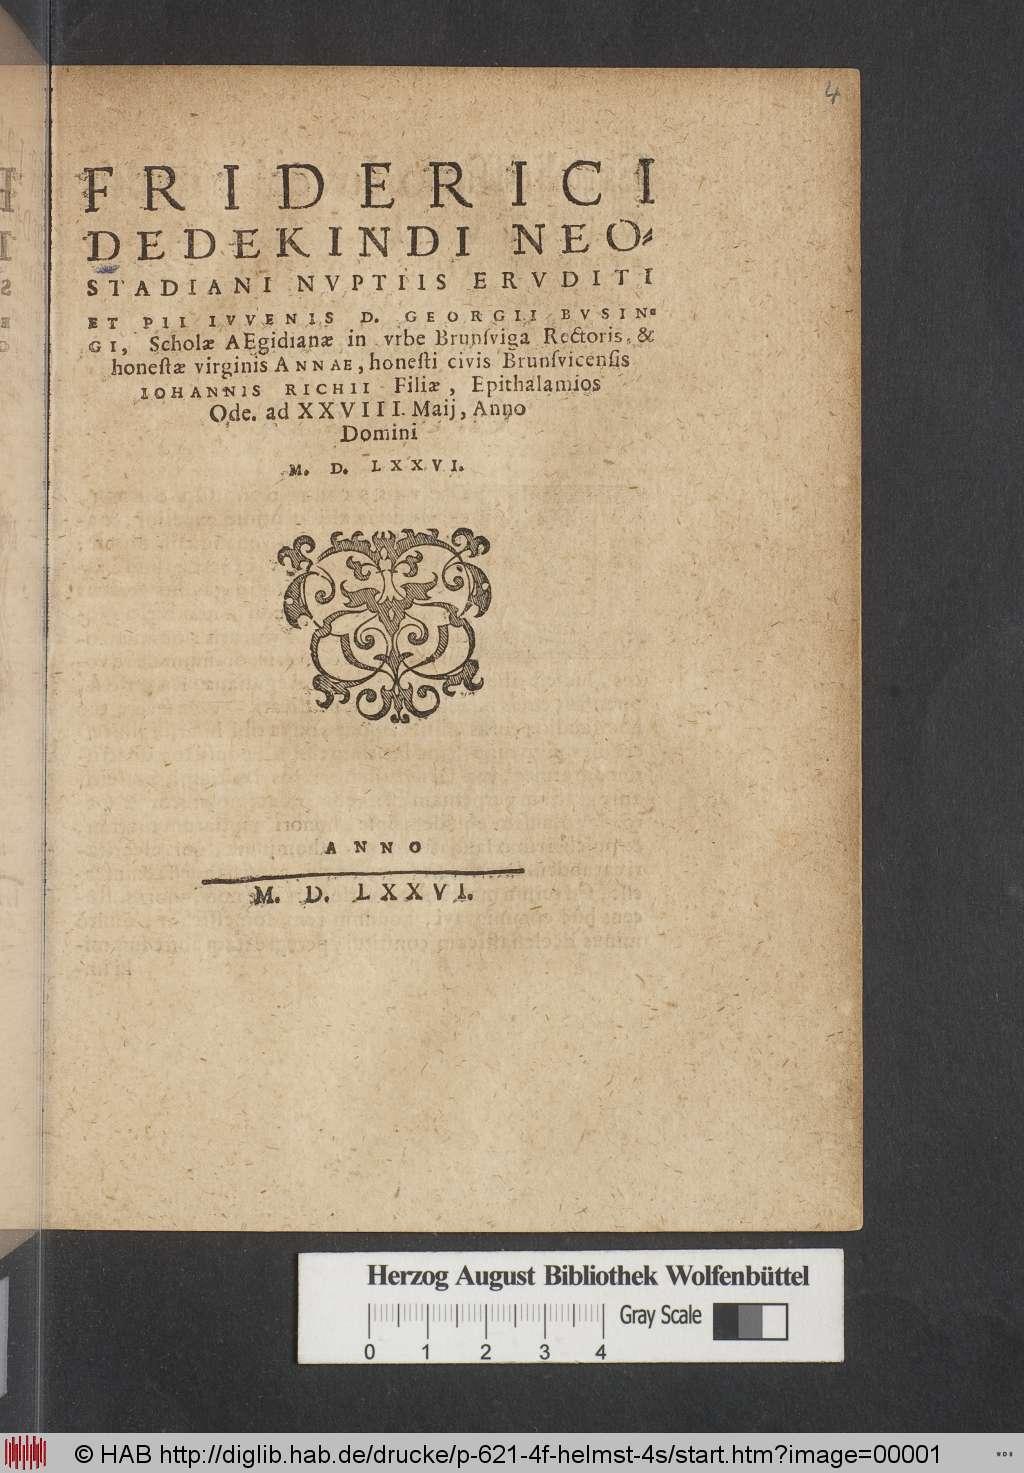 http://diglib.hab.de/drucke/p-621-4f-helmst-4s/00001.jpg